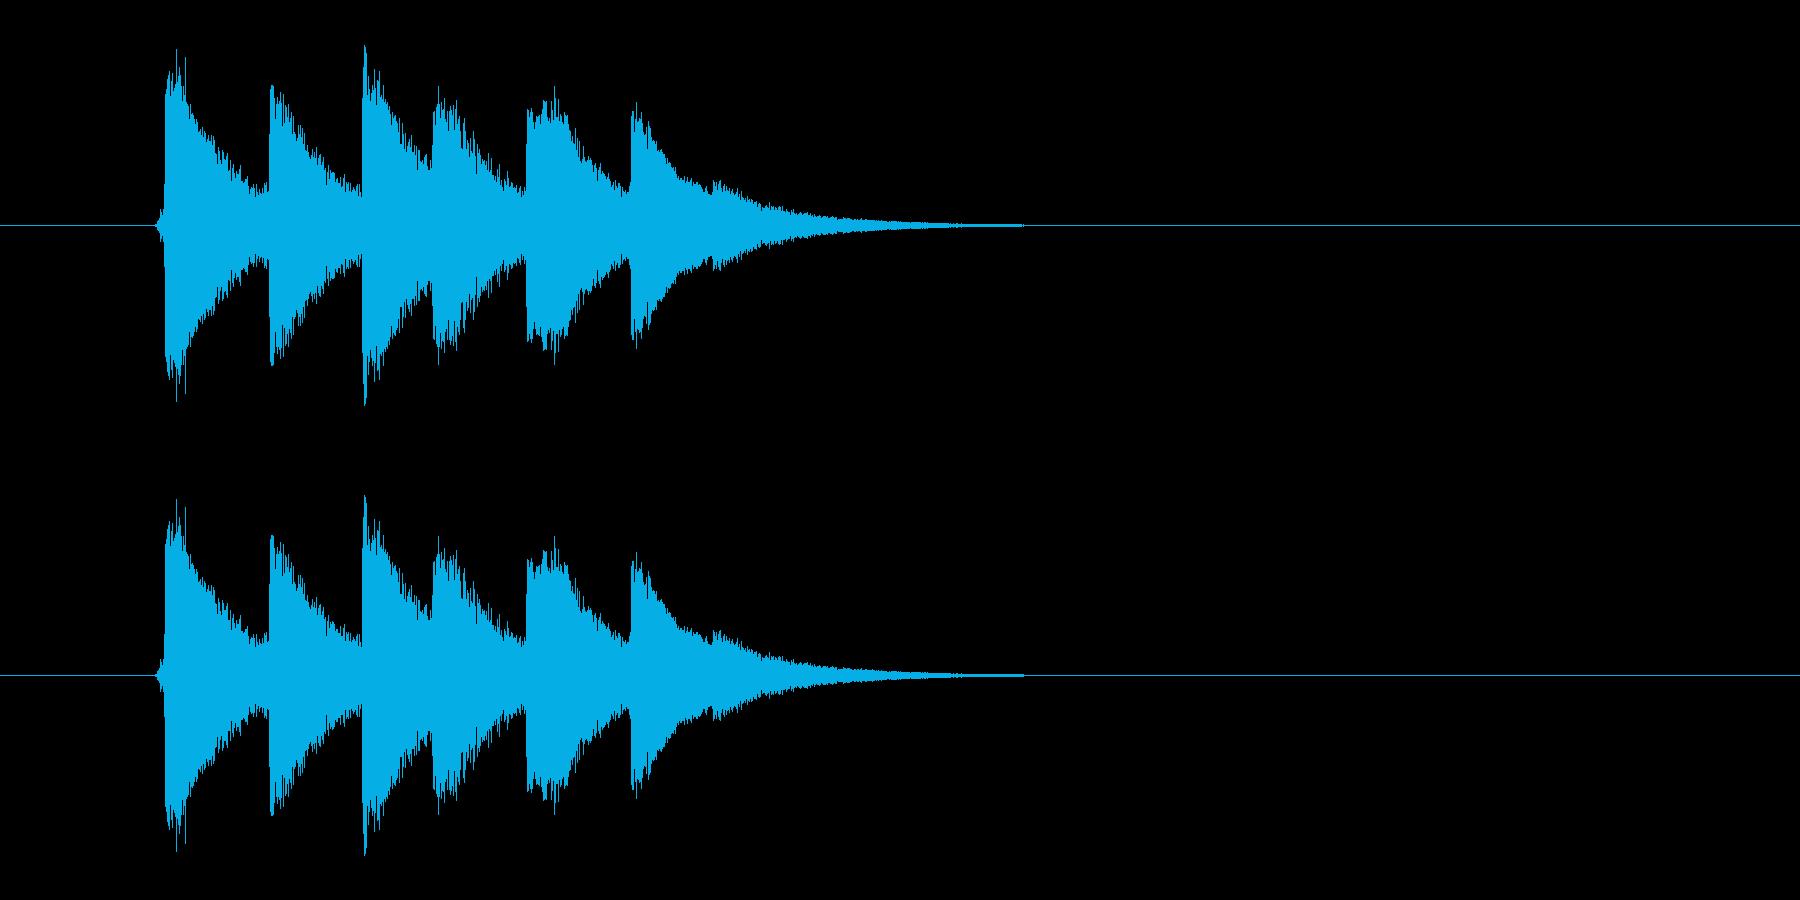 連続ヒットする攻撃音です。の再生済みの波形